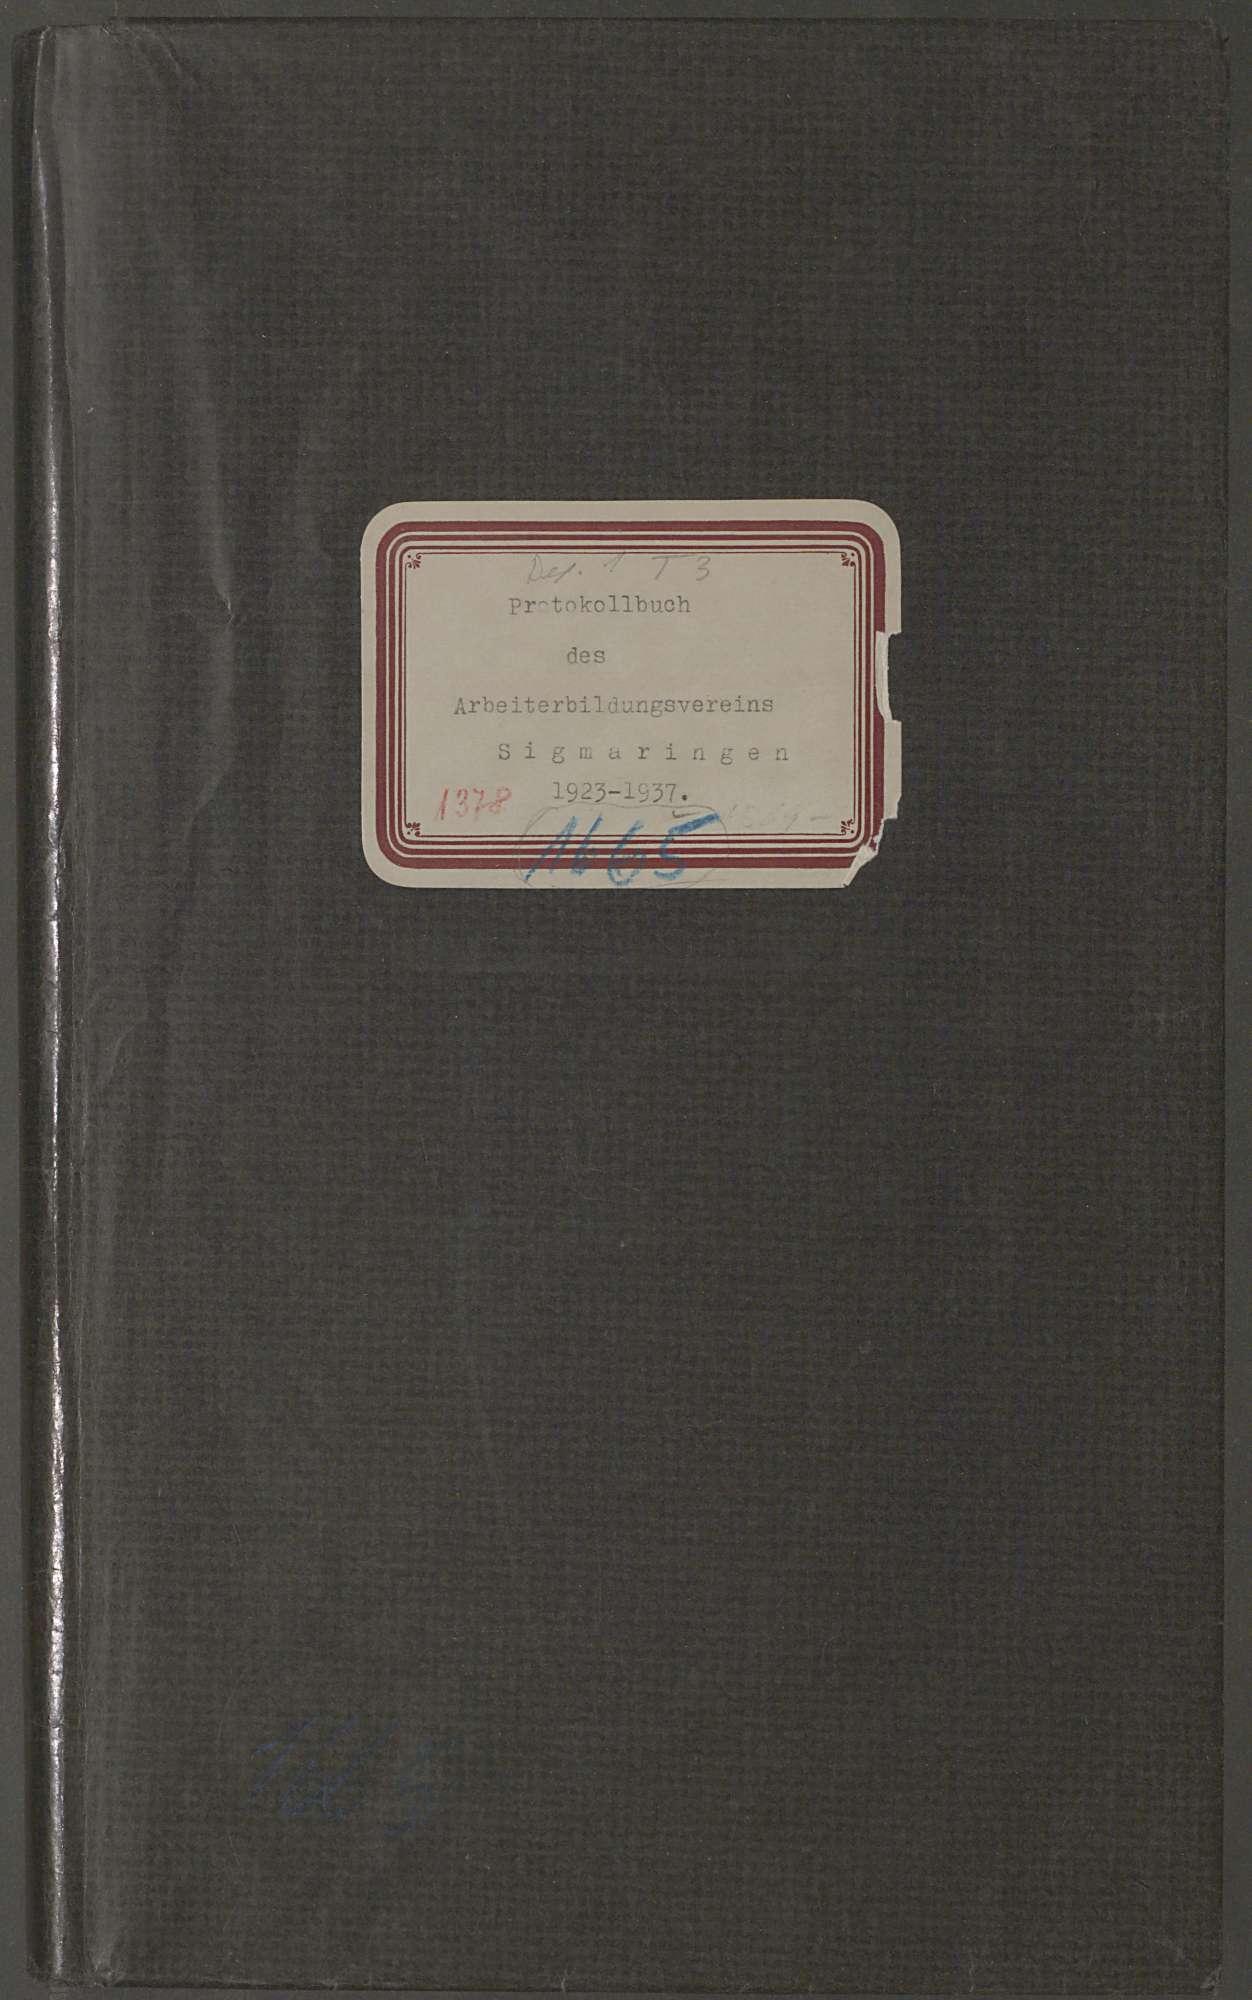 Protokollbuch des Arbeiterbildungsvereins Sigmaringen, Bild 1